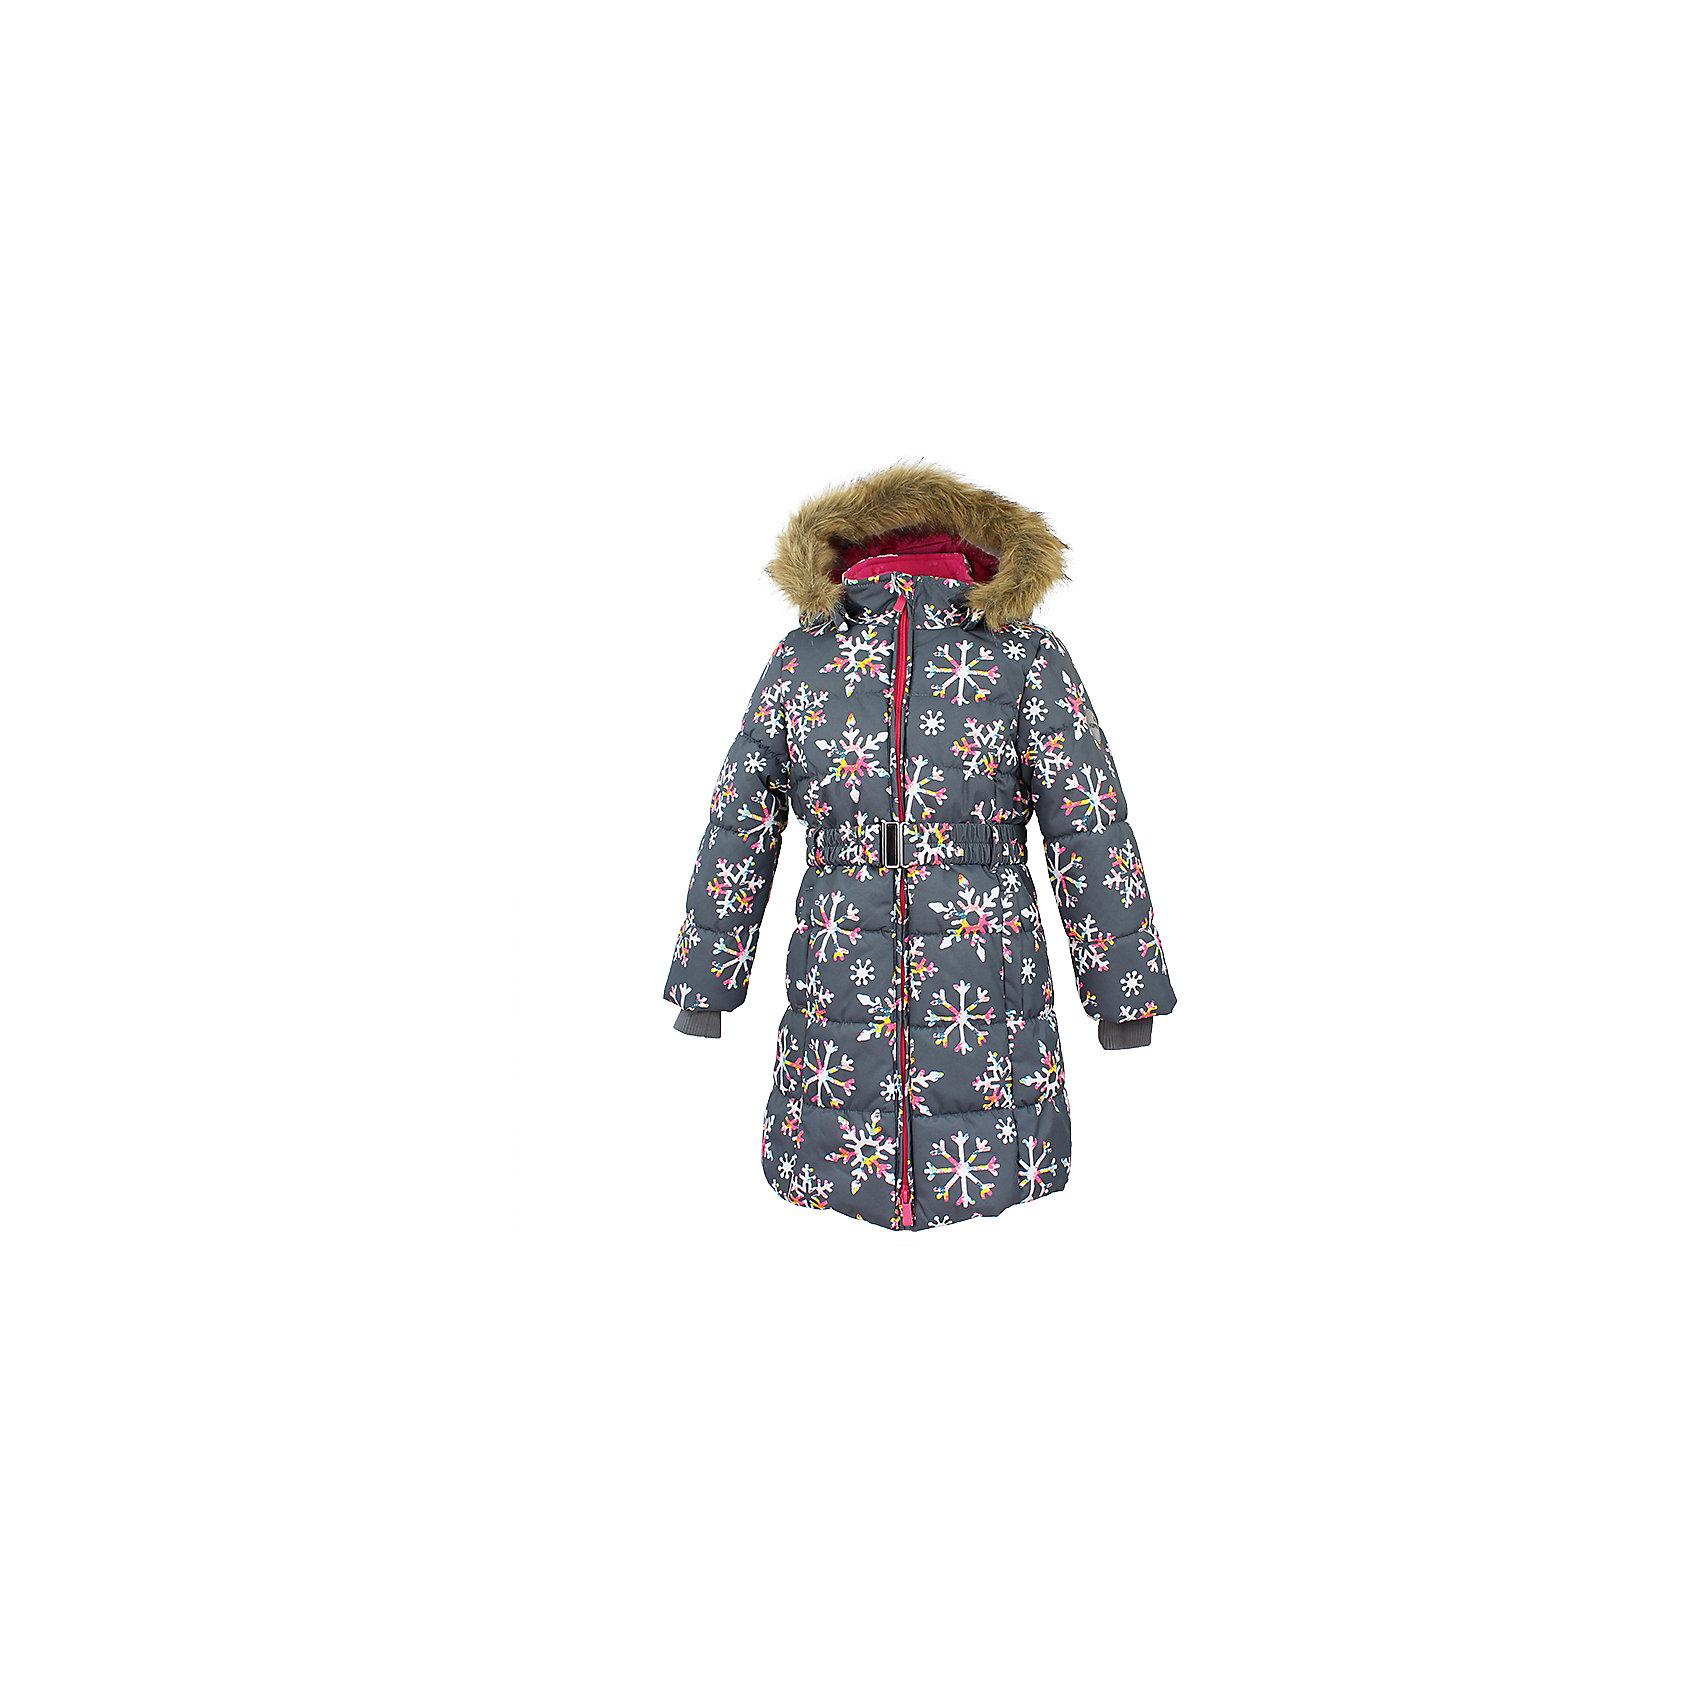 Пальто YACARANDA Huppa для девочкиВерхняя одежда<br>Куртка для девочек YACARANDA.Водо и воздухонепроницаемость 10 000. Утеплитель 300 гр. Подкладка тафта, флис 100% полиэстер. Отстегивающийся капюшон с мехом. Внутренний манжет рукава.Вязаные детали.Двухсторонняя молния. Имеются светоотражательные детали.<br>Состав:<br>100% Полиэстер<br><br>Ширина мм: 356<br>Глубина мм: 10<br>Высота мм: 245<br>Вес г: 519<br>Цвет: серый<br>Возраст от месяцев: 36<br>Возраст до месяцев: 48<br>Пол: Женский<br>Возраст: Детский<br>Размер: 104,170,110,116,122,128,134,140,146,152,158,164<br>SKU: 7027518